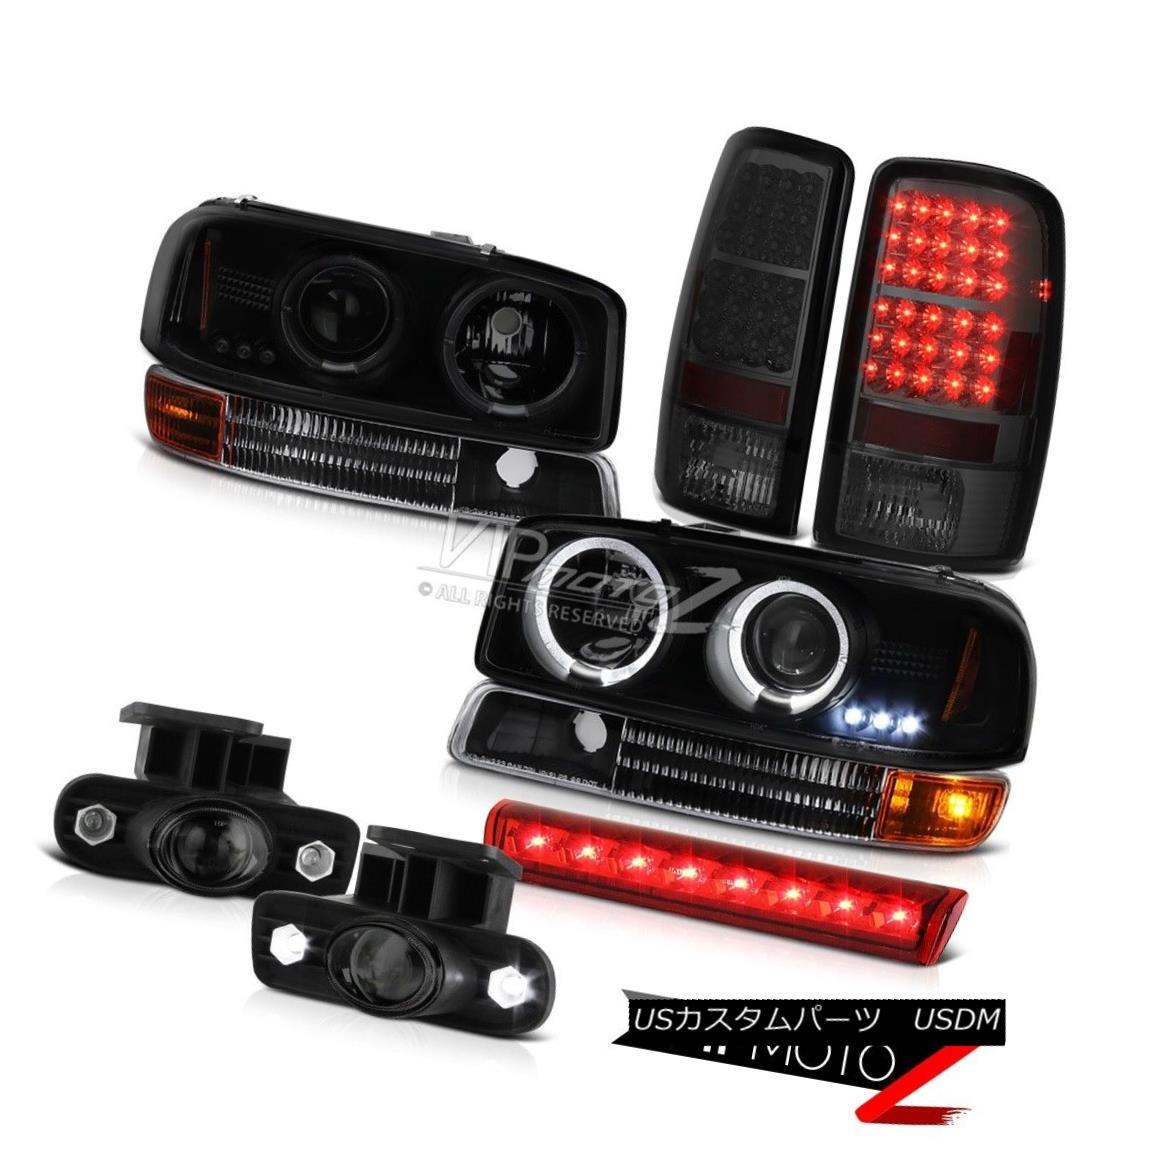 ヘッドライト 00-06 Yukon V8 SINSTER BLACK Headlights LED Brake Lights Projector FogLight Halo 00-06 Yukon V8 SINISTER BLACKヘッドライトLEDブレーキライトプロジェクターフォグライトHalo